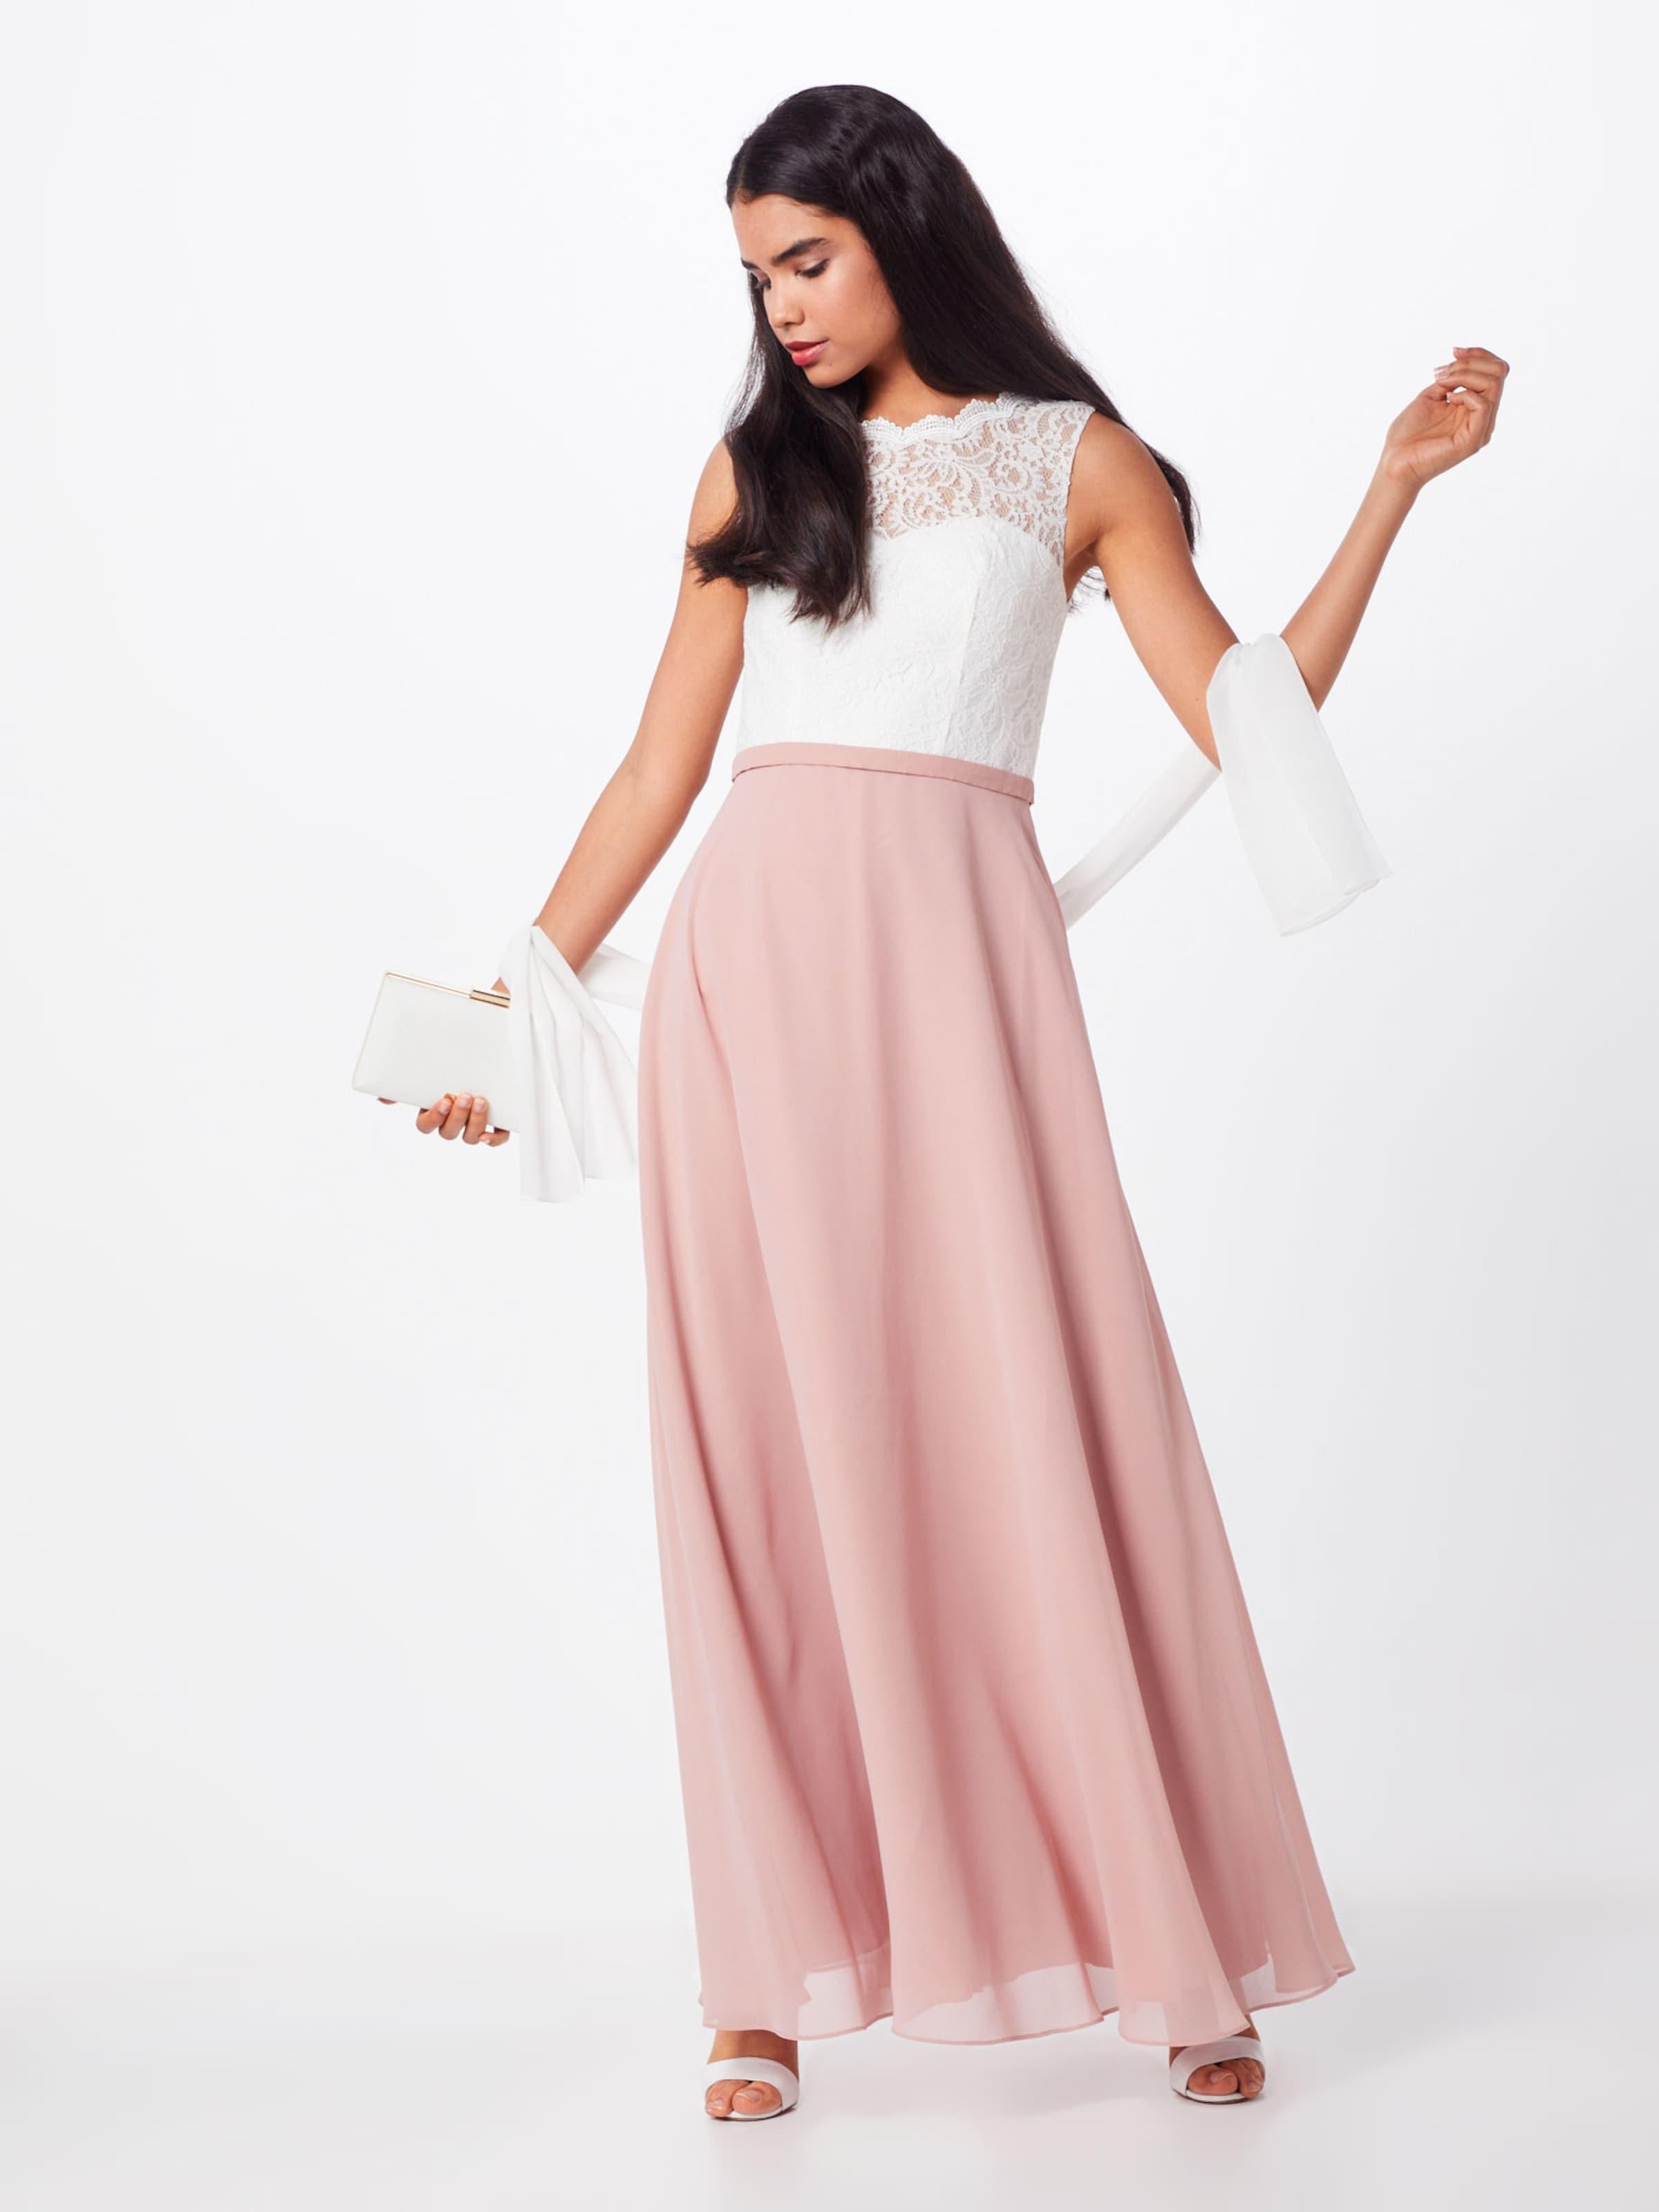 Robe Rosé De Mascara Soirée En CBedQorxWE